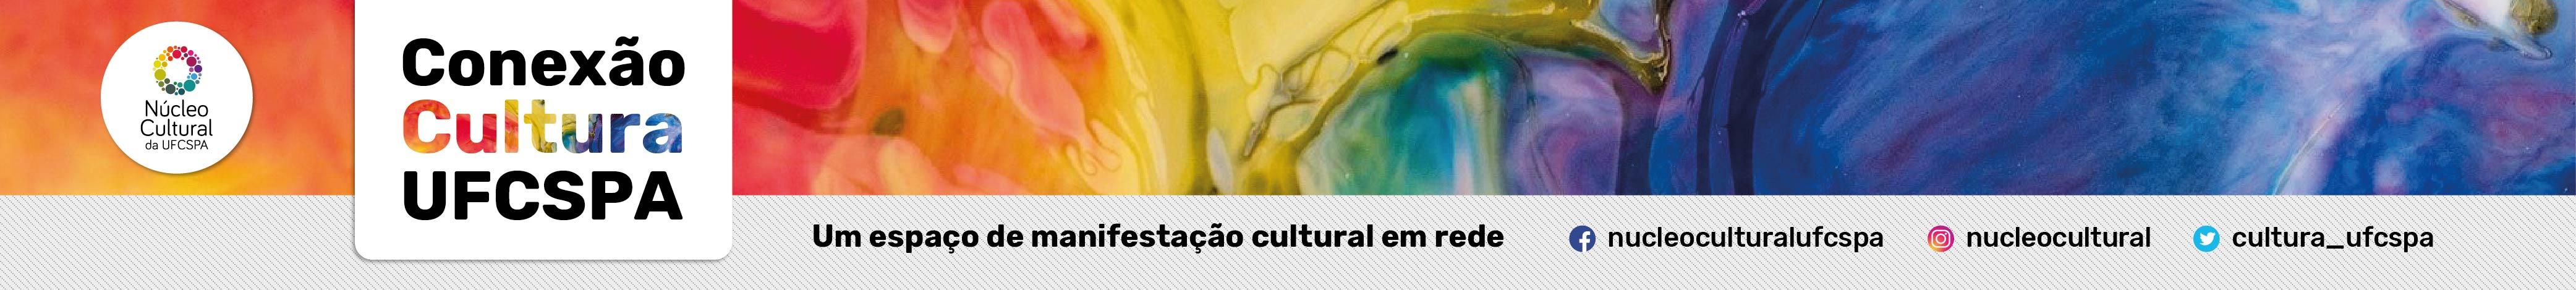 Jumbinho - Comunidade - Cultura - Conexão Cultura